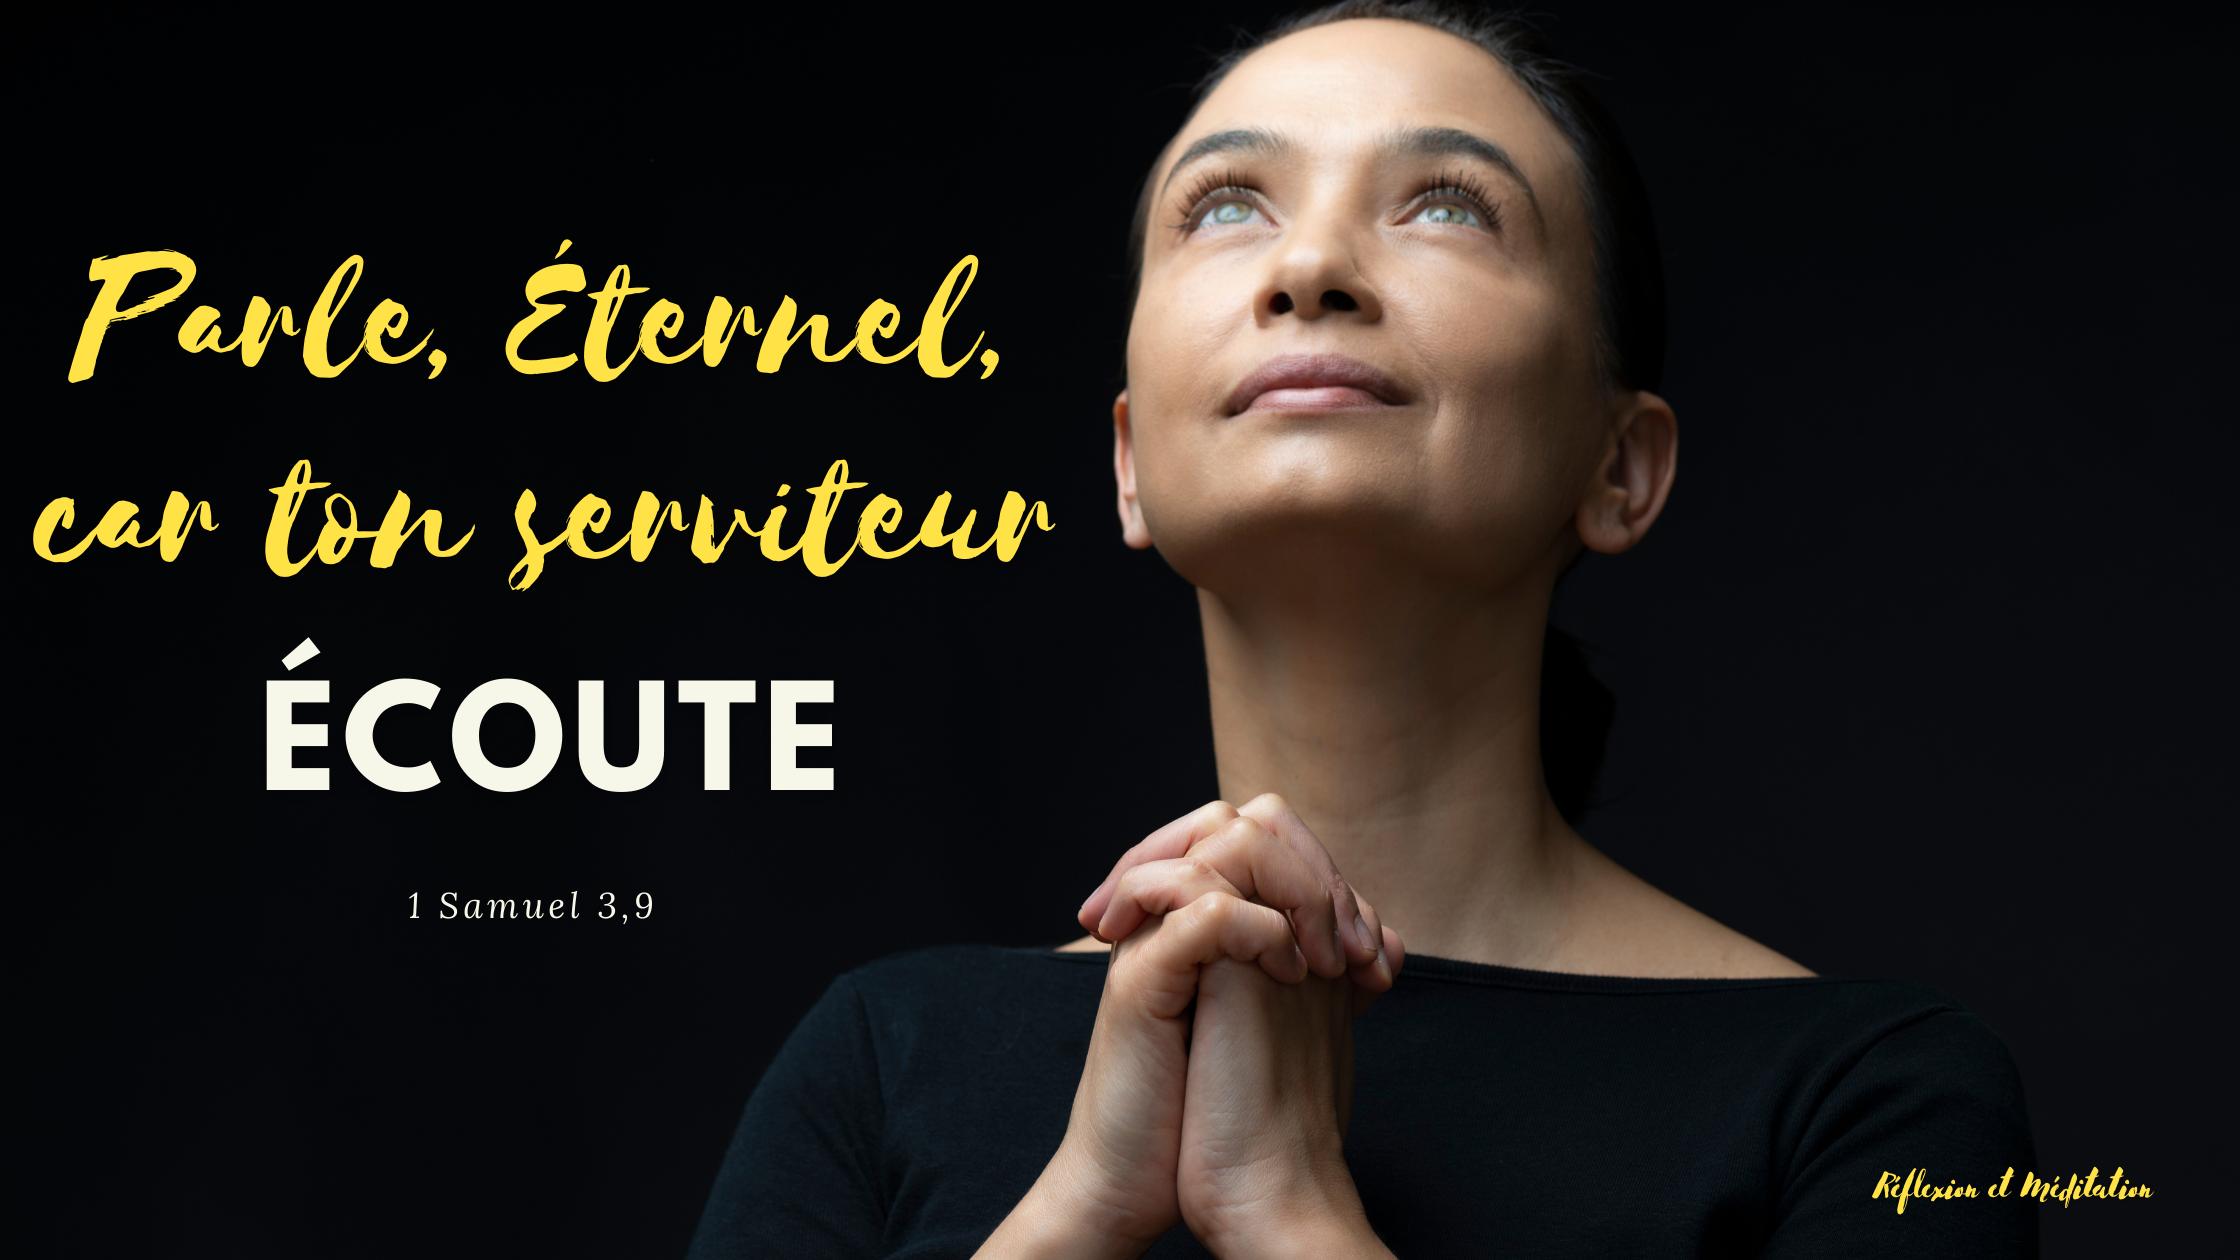 Parle, Éternel, car ton serviteur écoute. 1 Samuel 3,9